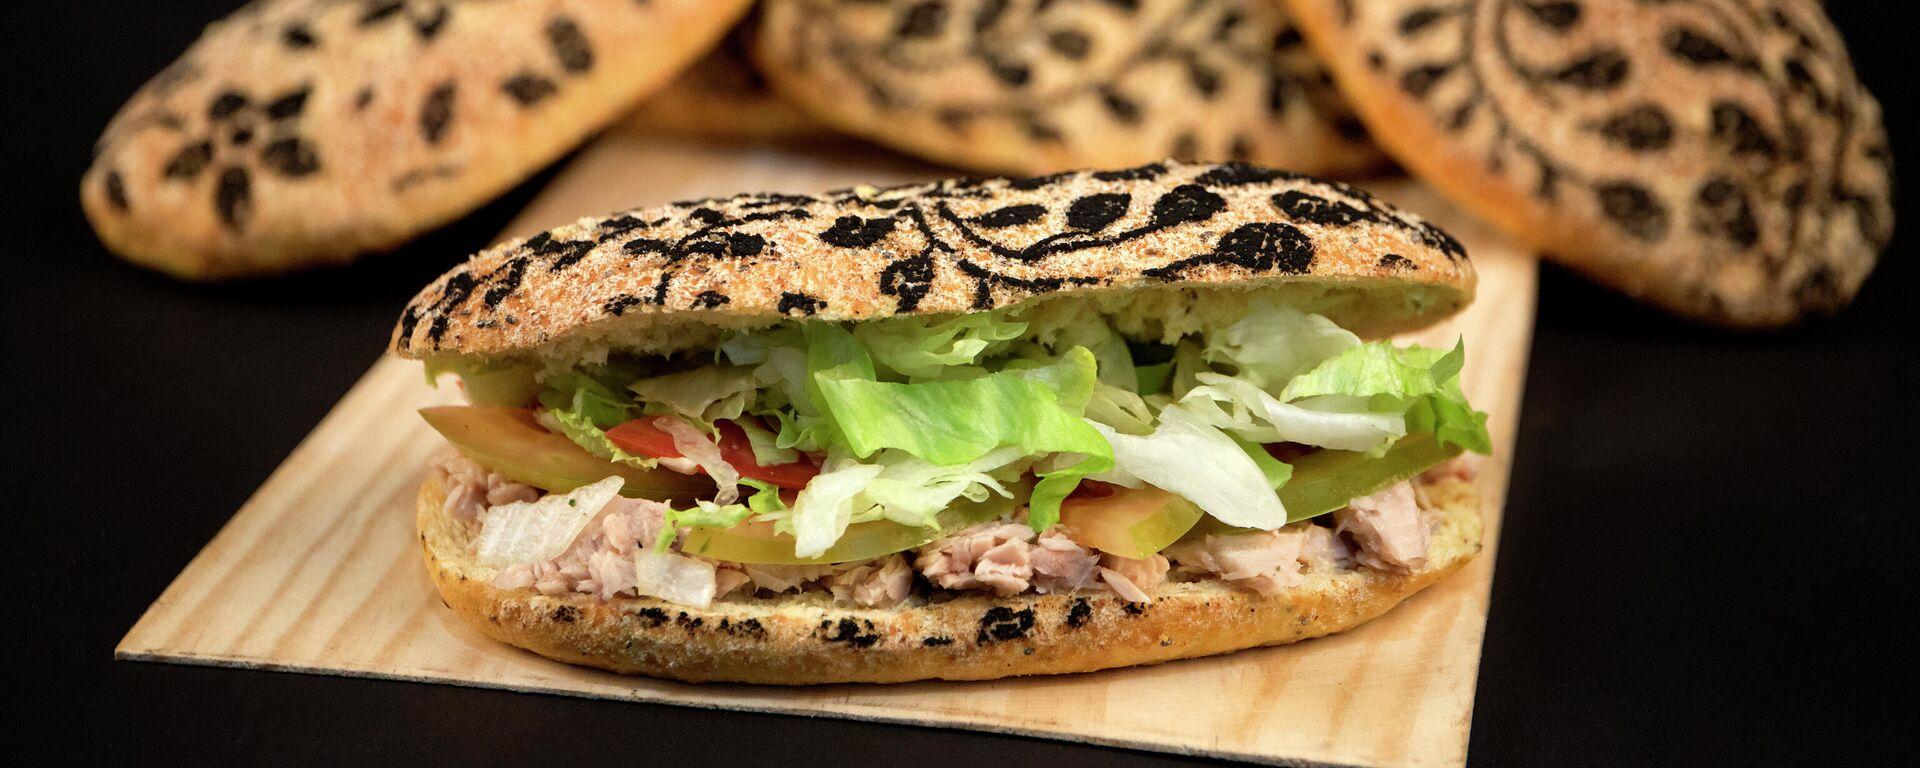 Los principales clientes del pan más caro del mundo son los árabes - Sputnik Mundo, 1920, 27.05.2021